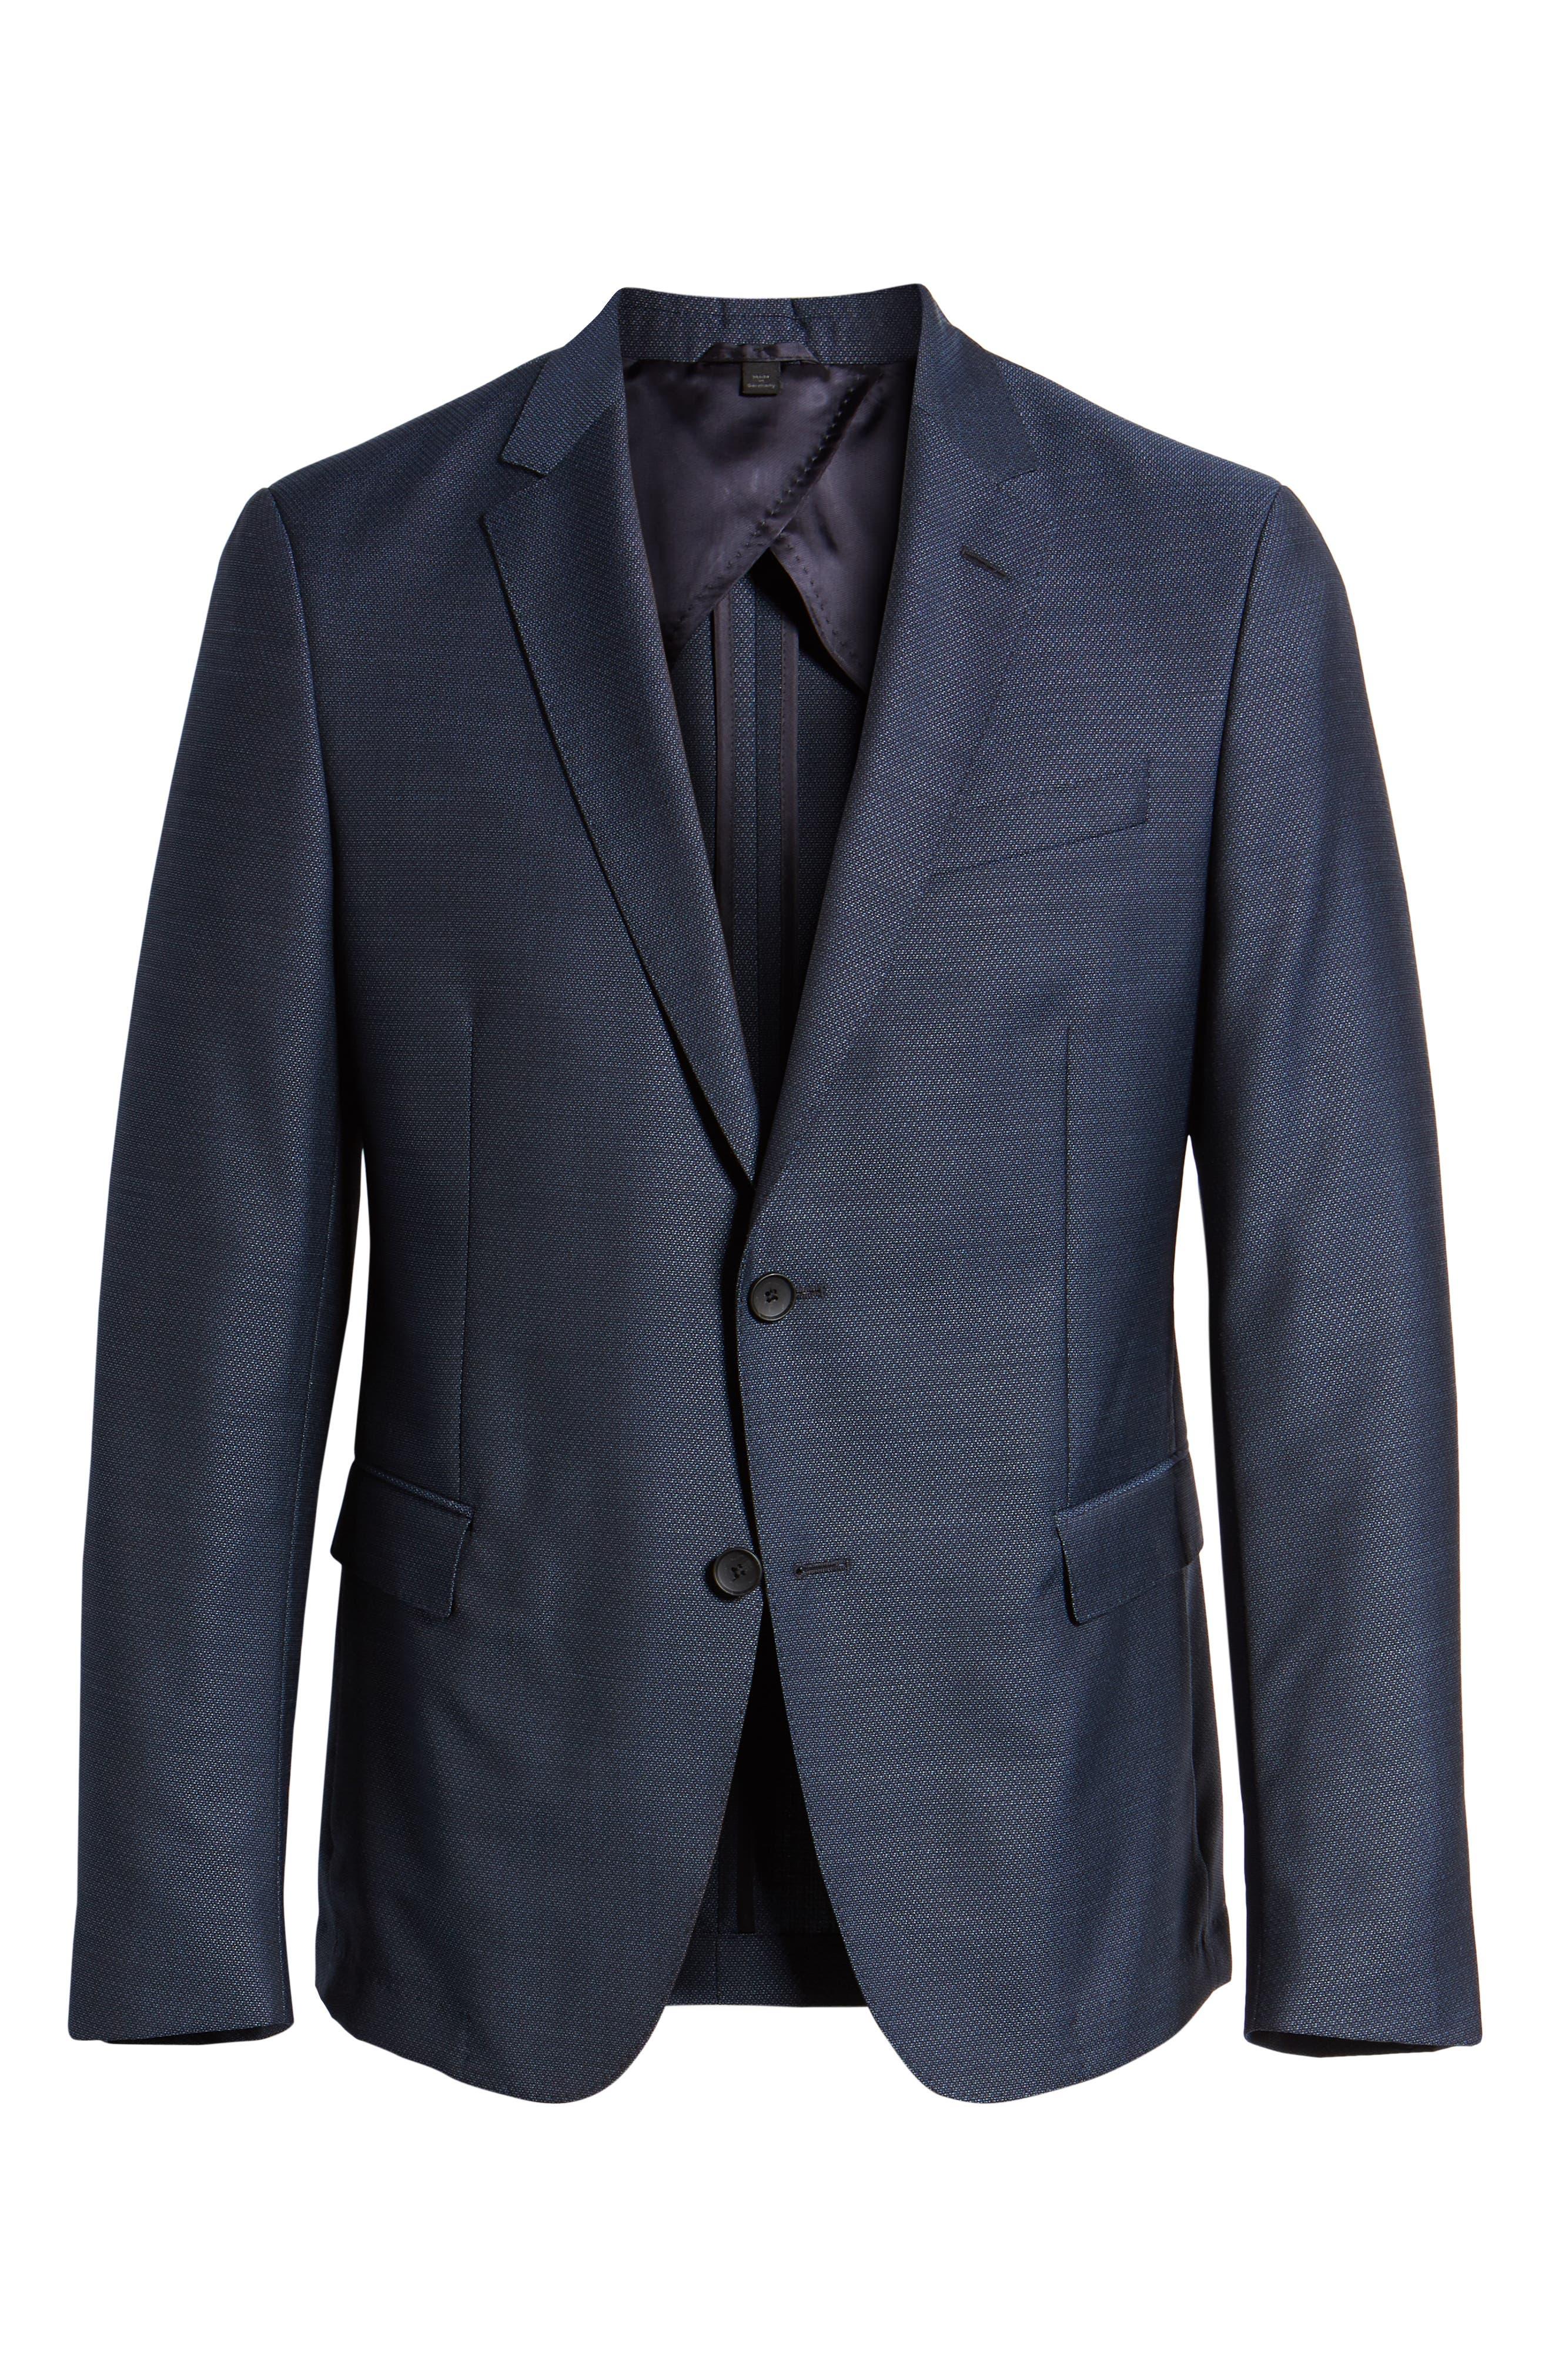 Nobis Trim Fit Wool Blazer,                             Alternate thumbnail 5, color,                             BLUE